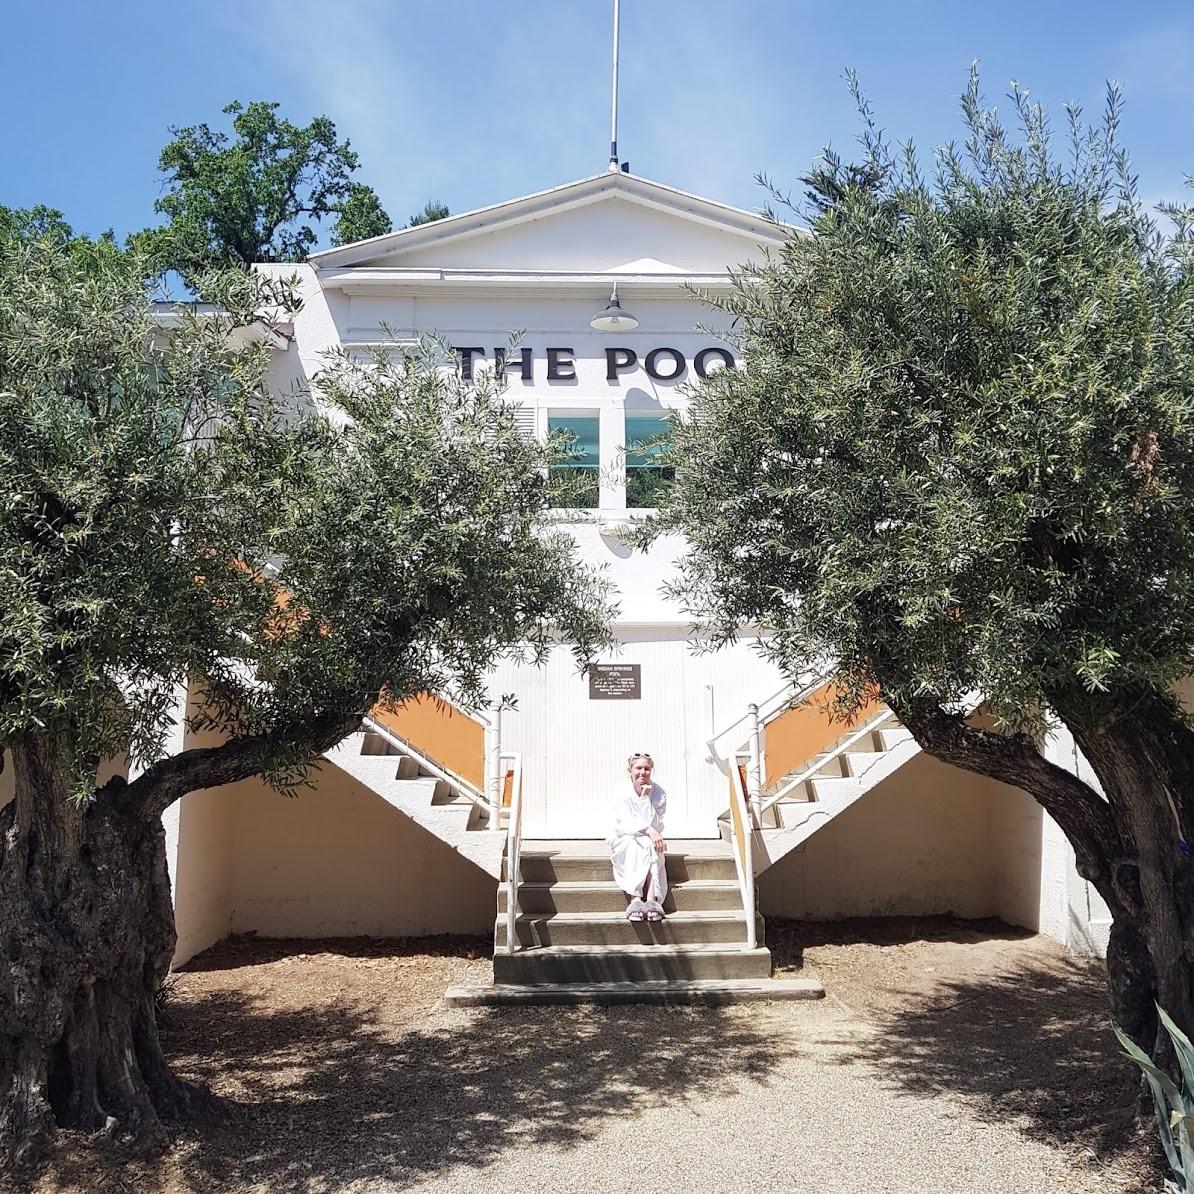 Calistoga: hotsprings, eten en relaxen als nooit tevoren